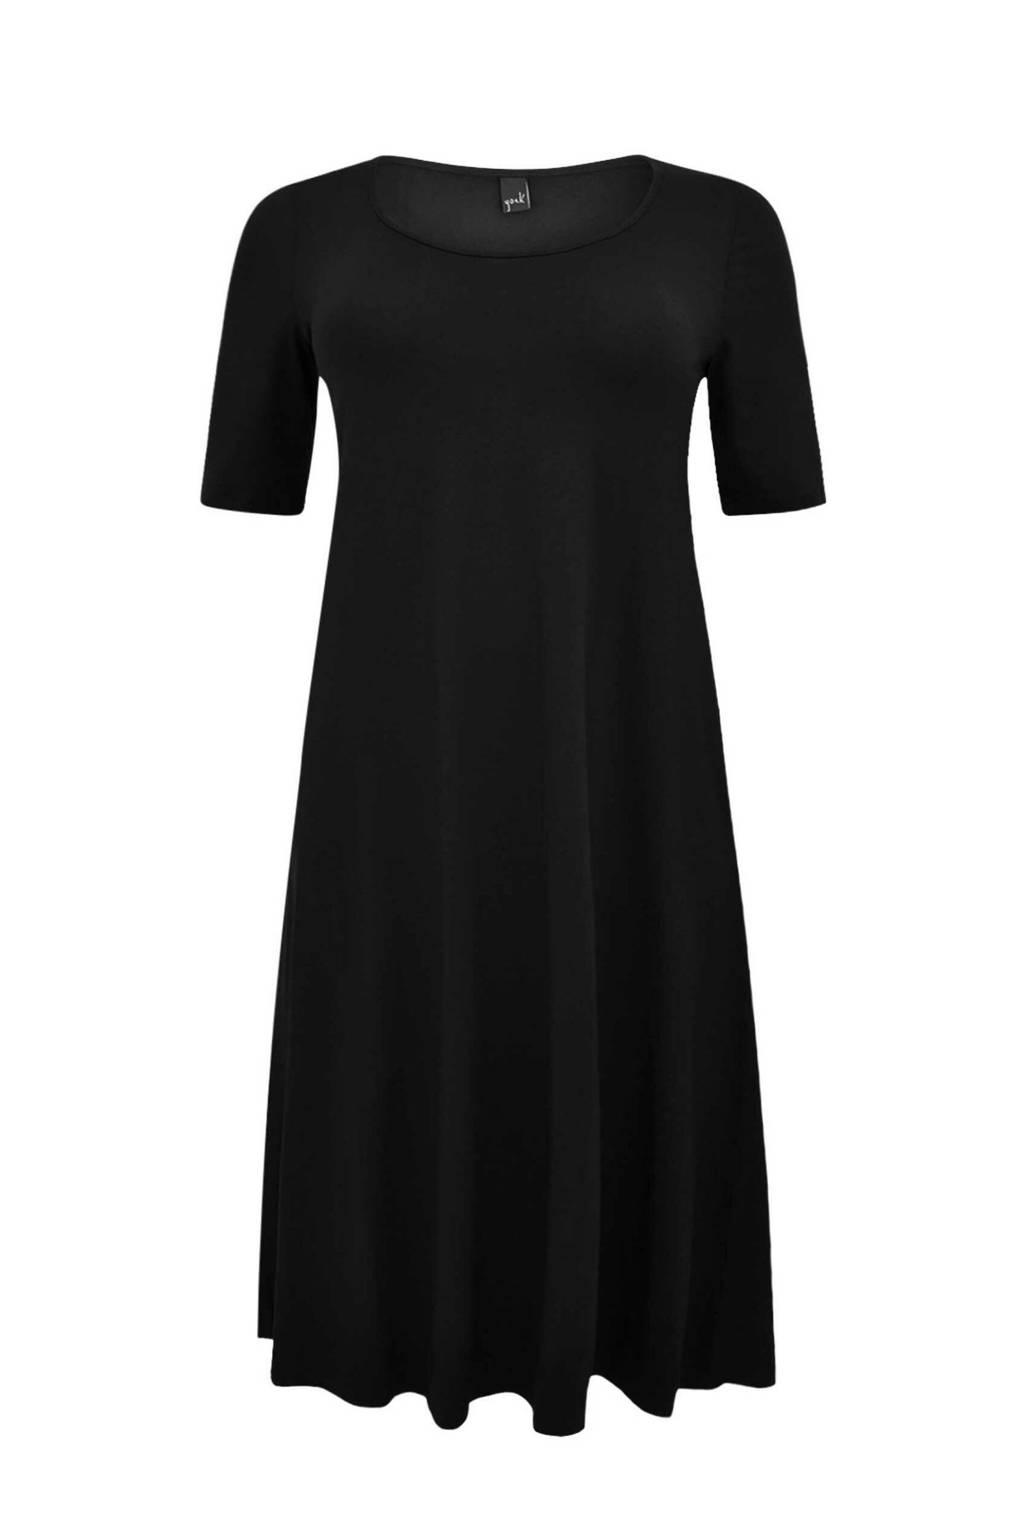 Yoek jurk met plooien zwart, Zwart